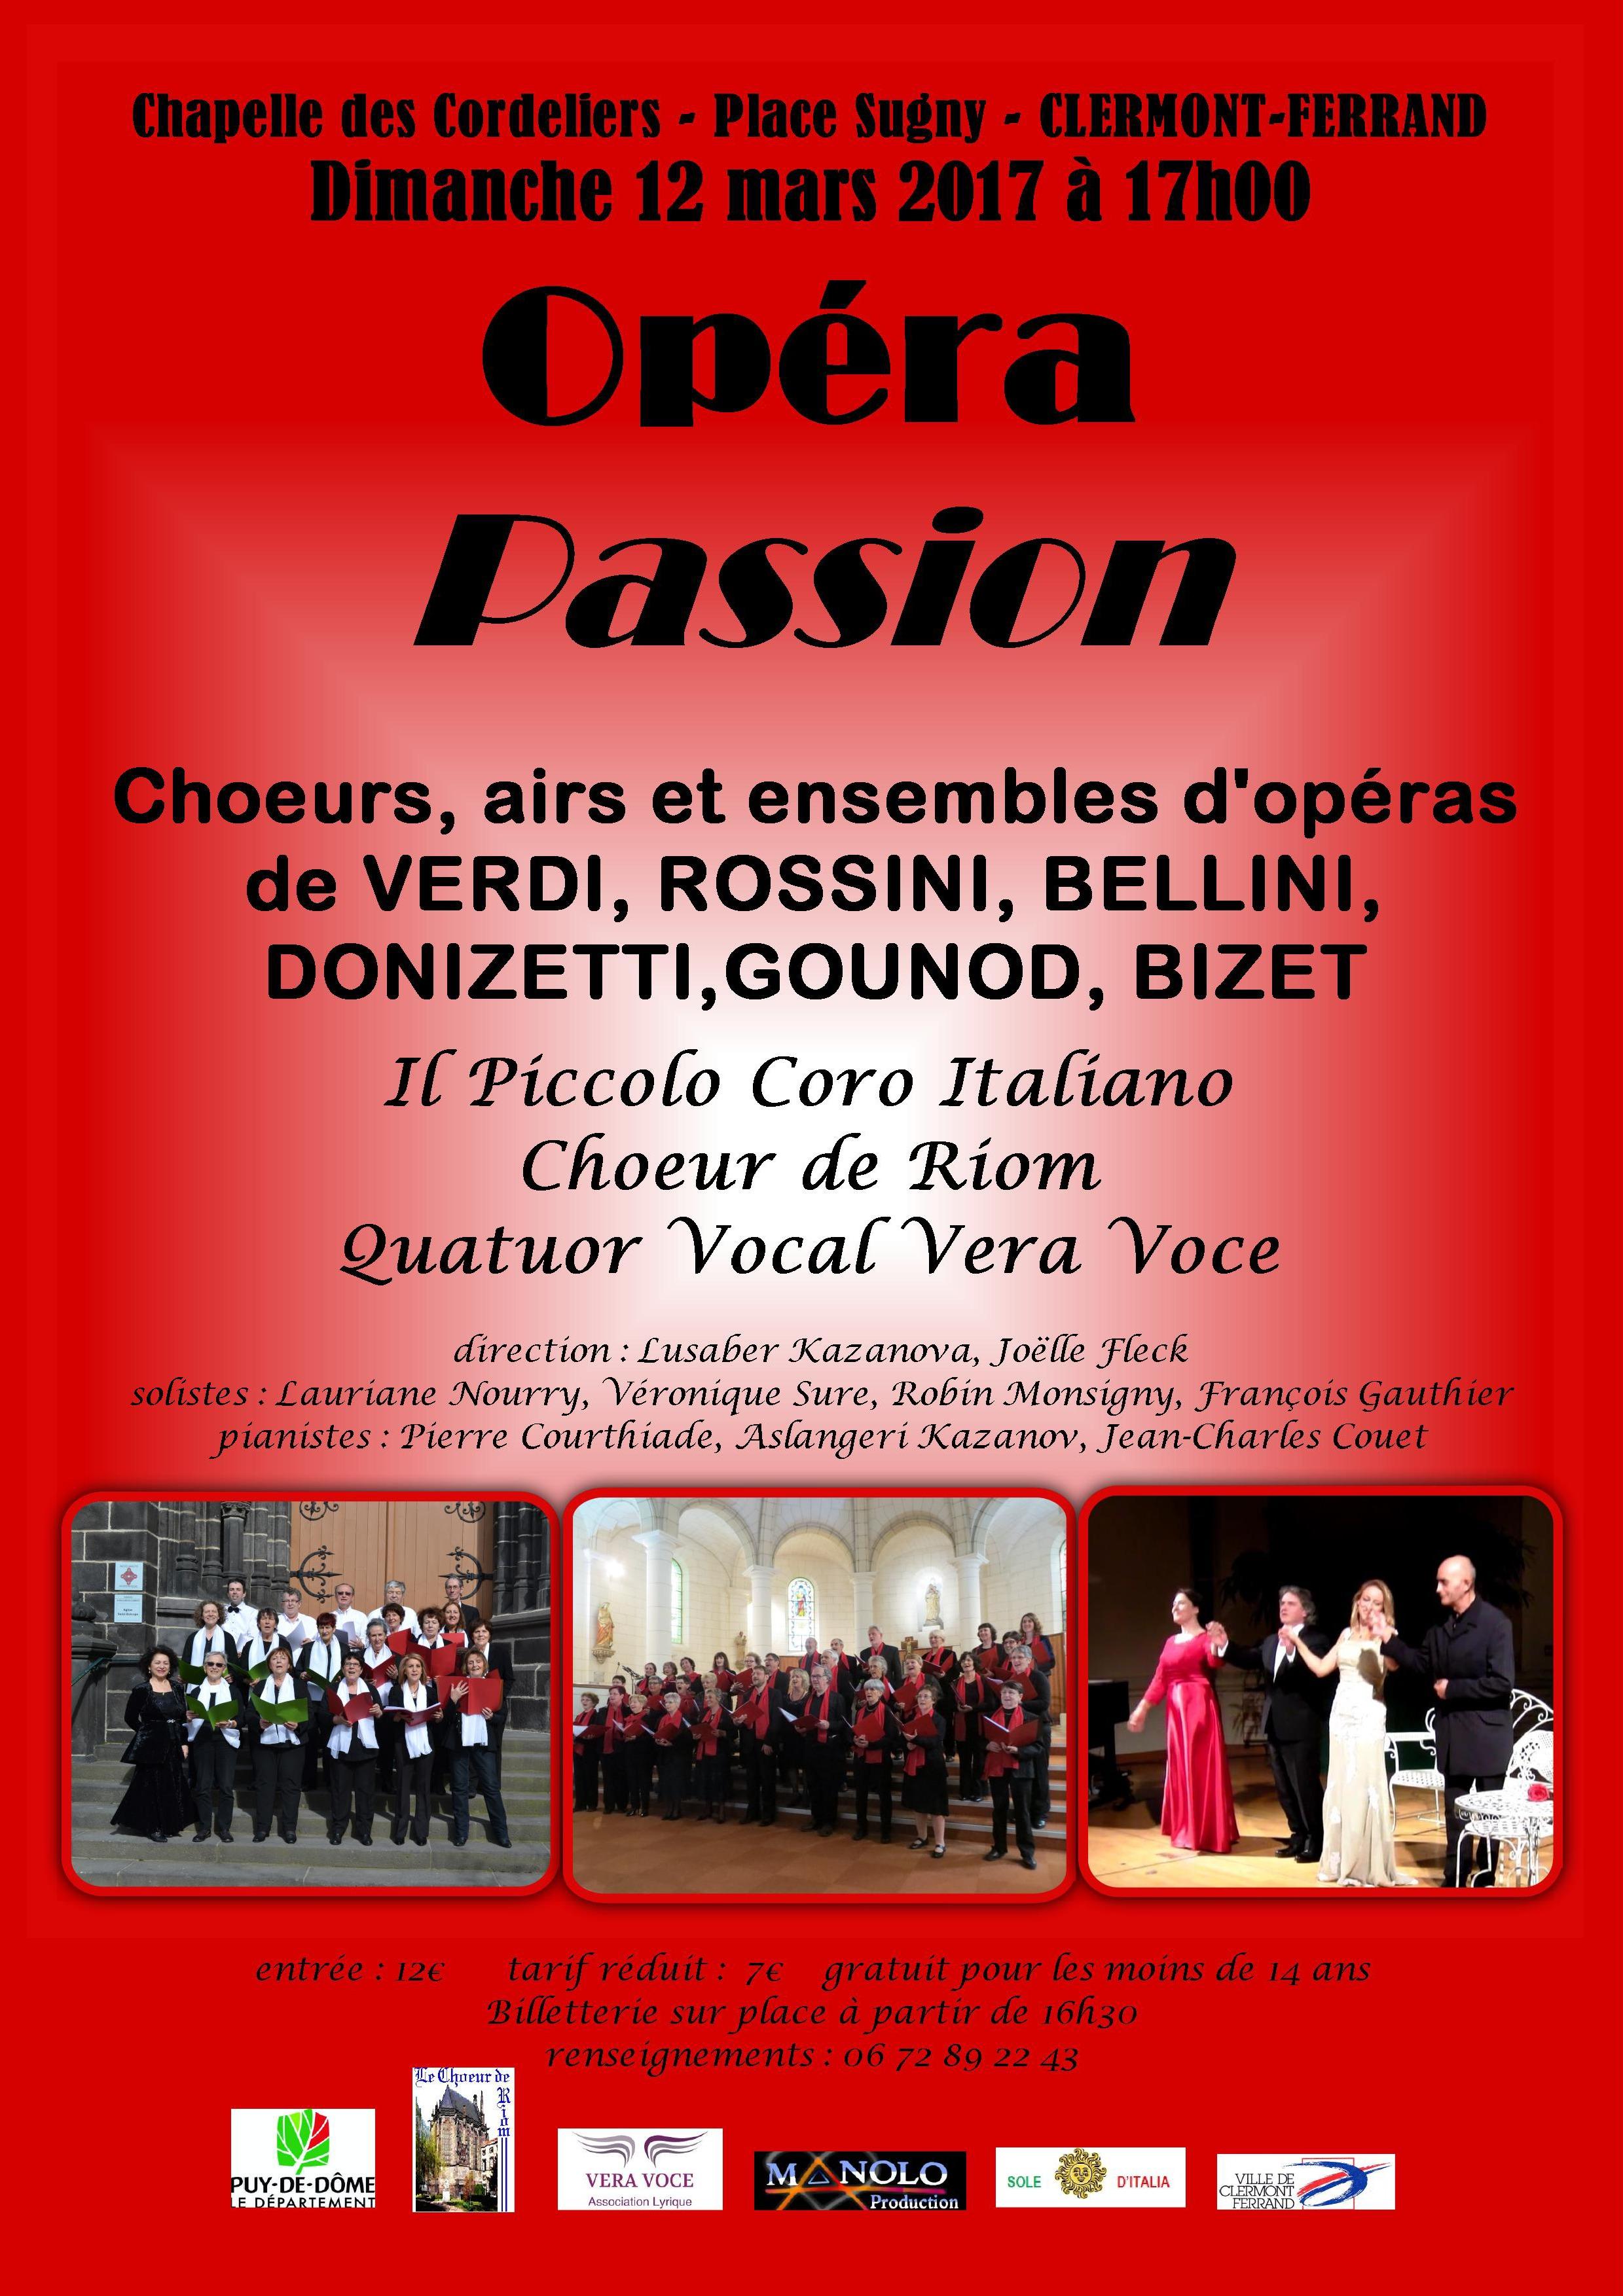 OPÉRA PASSION 2ème-page-0